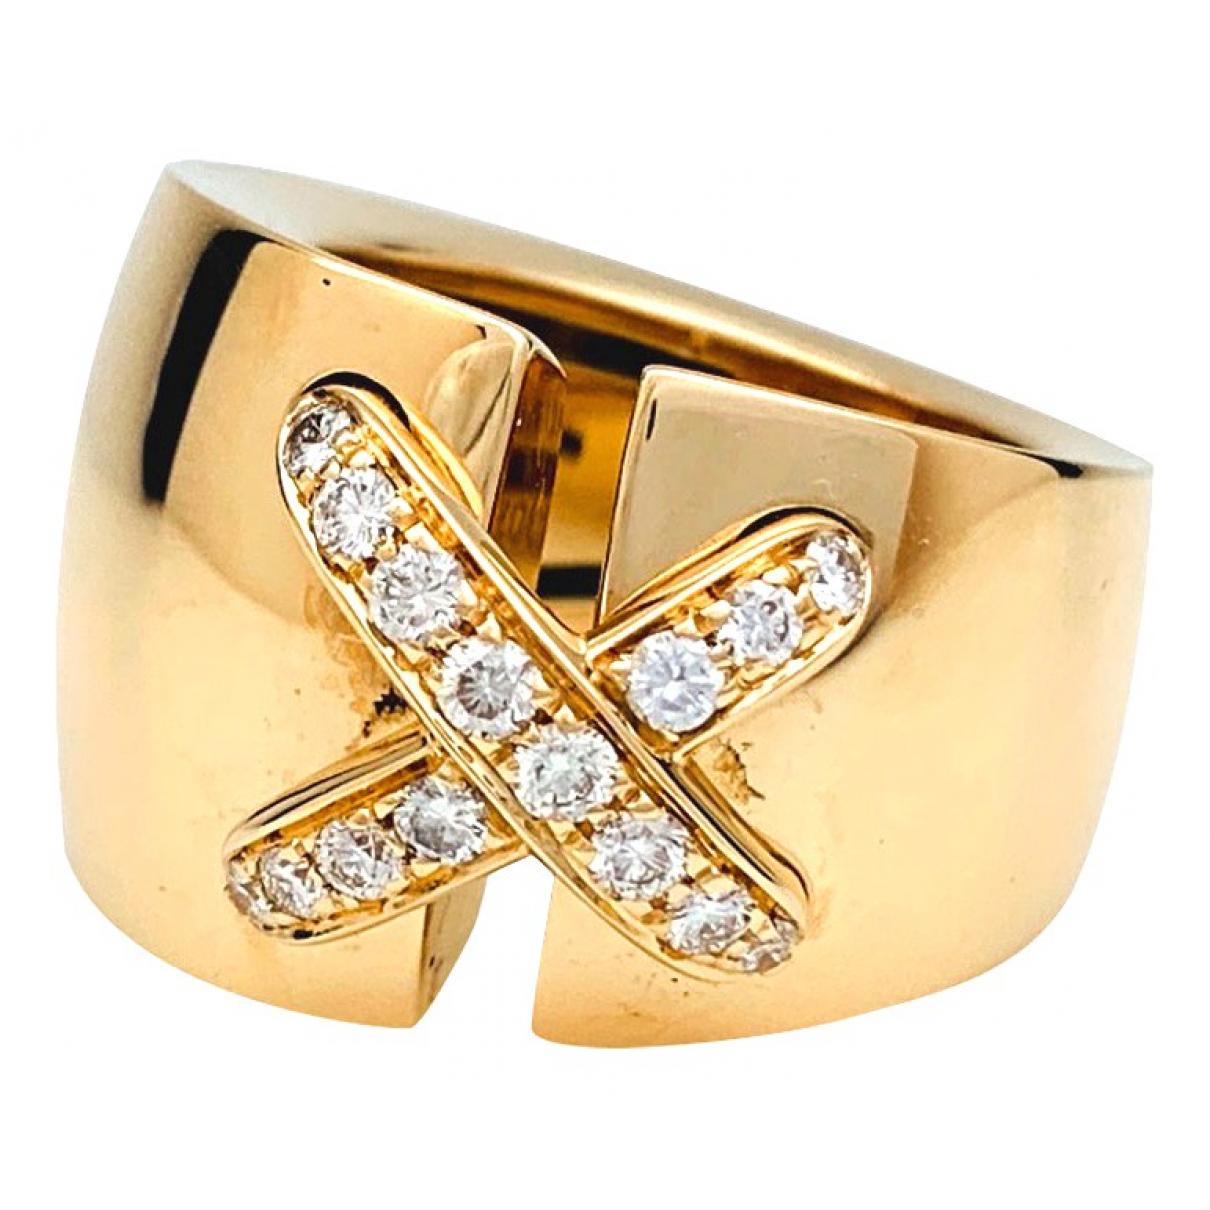 Chaumet - Bague Liens pour femme en or jaune - dore